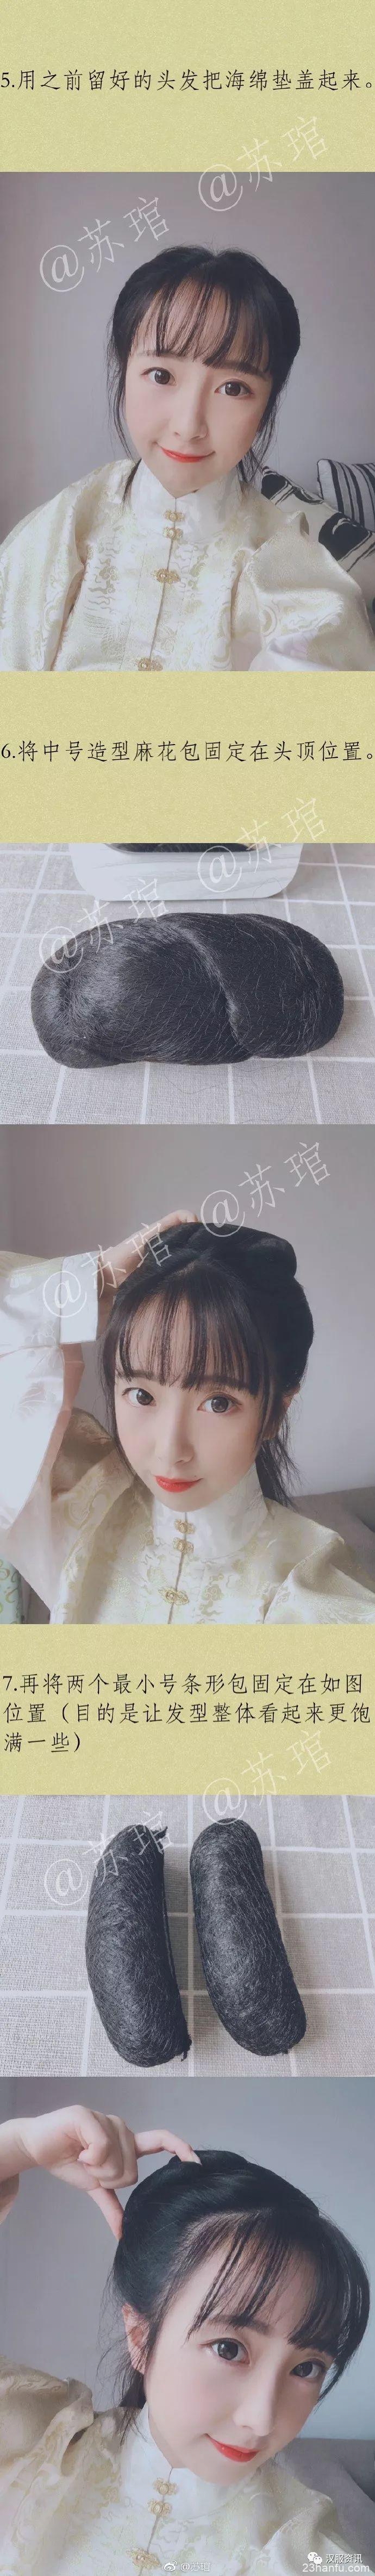 【汉服发型】简单发包发型教程